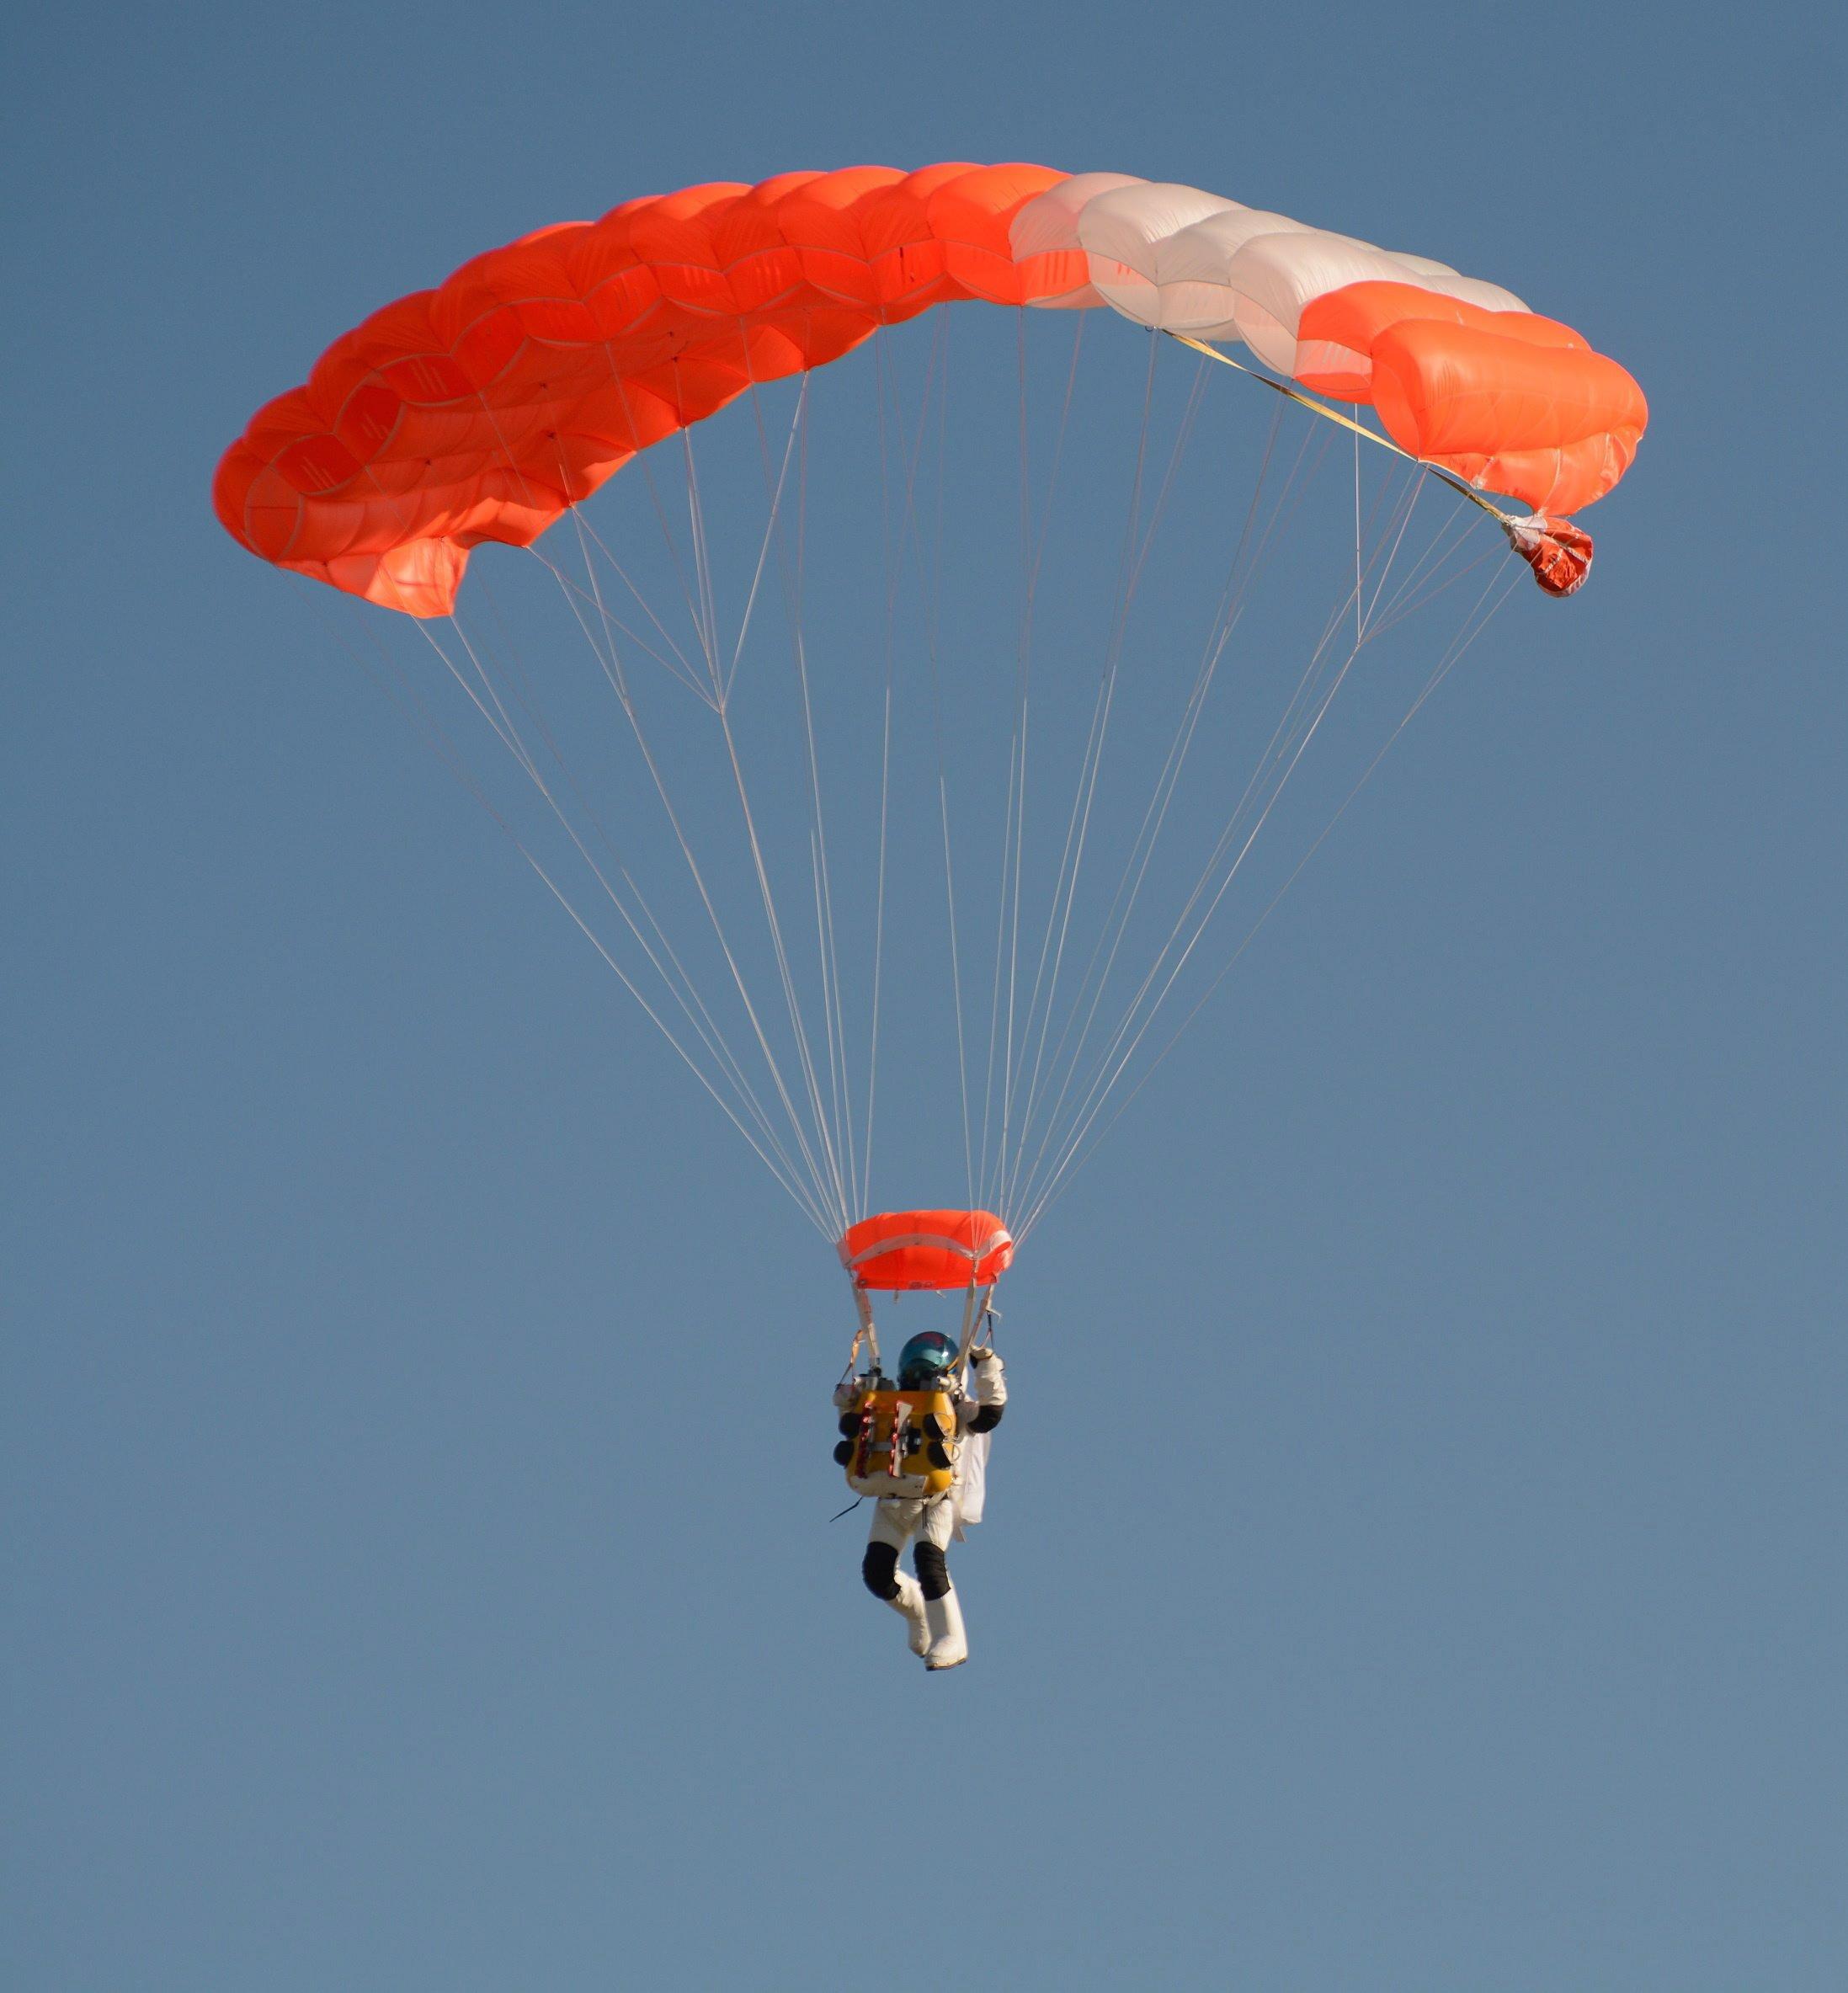 Mit einem Minifallschirm landete Alan Eustace schließlich auf der Erde.